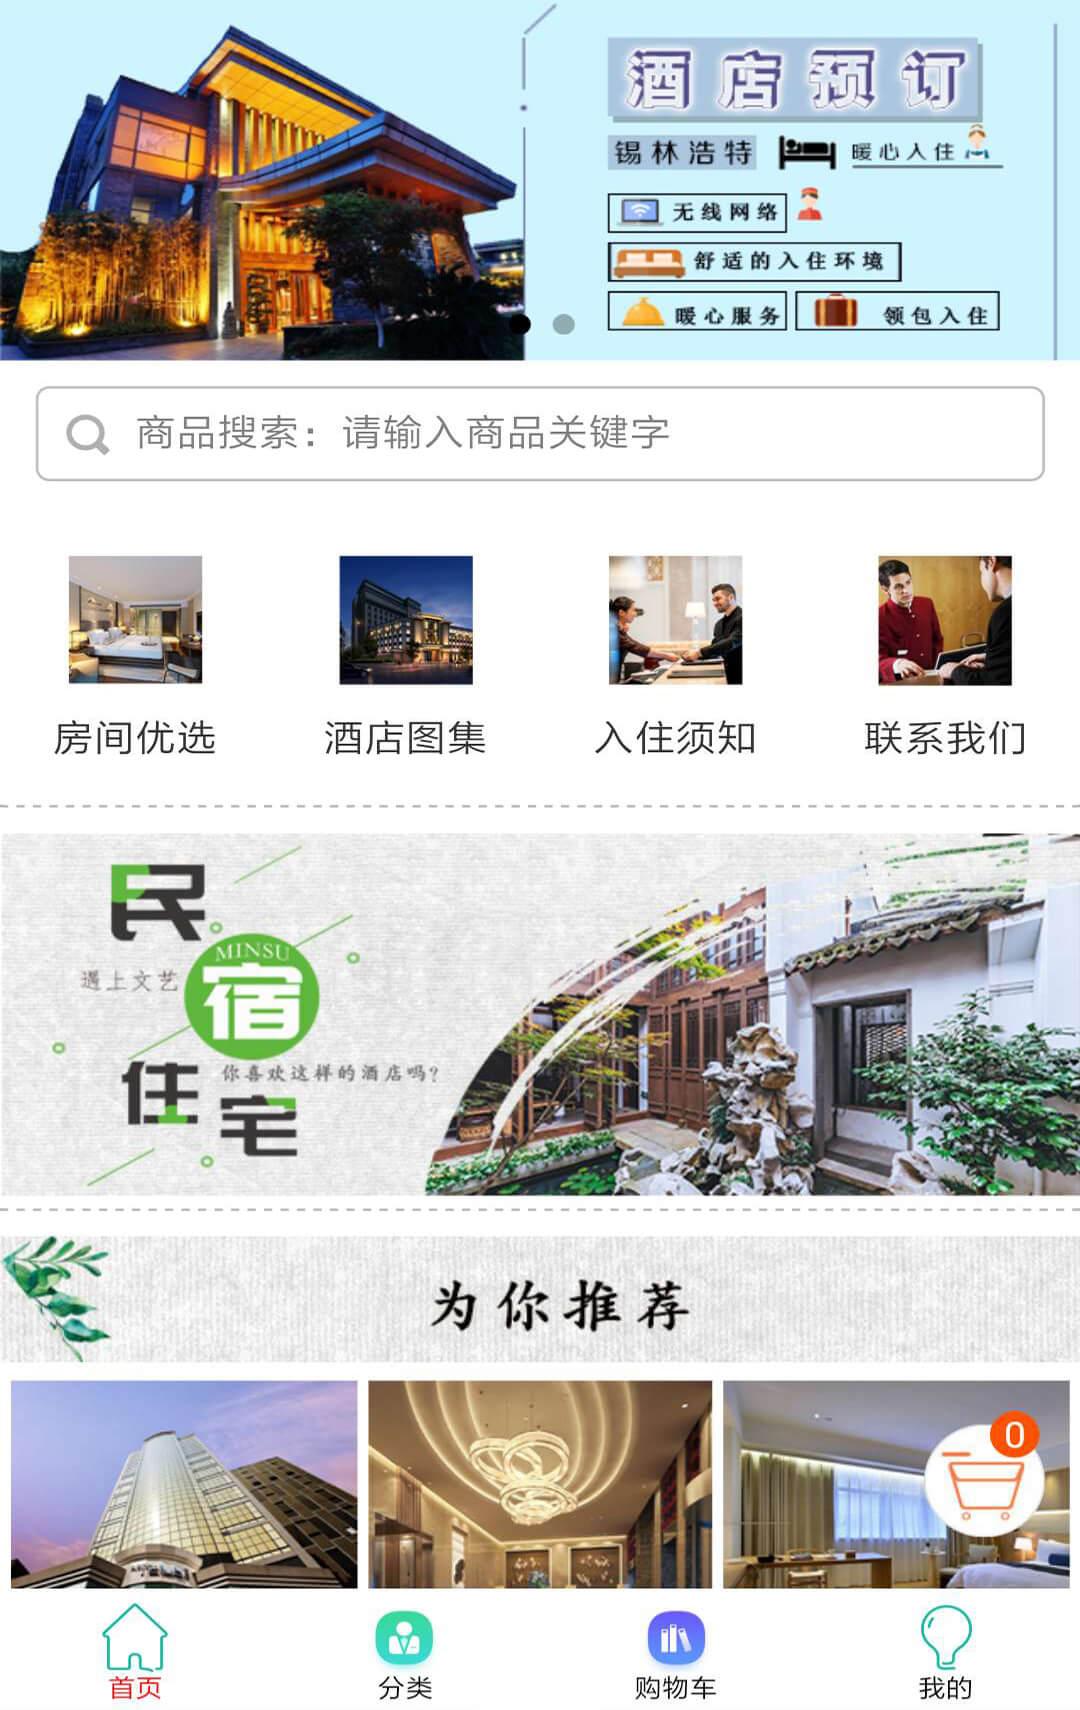 微信酒店预订小程序